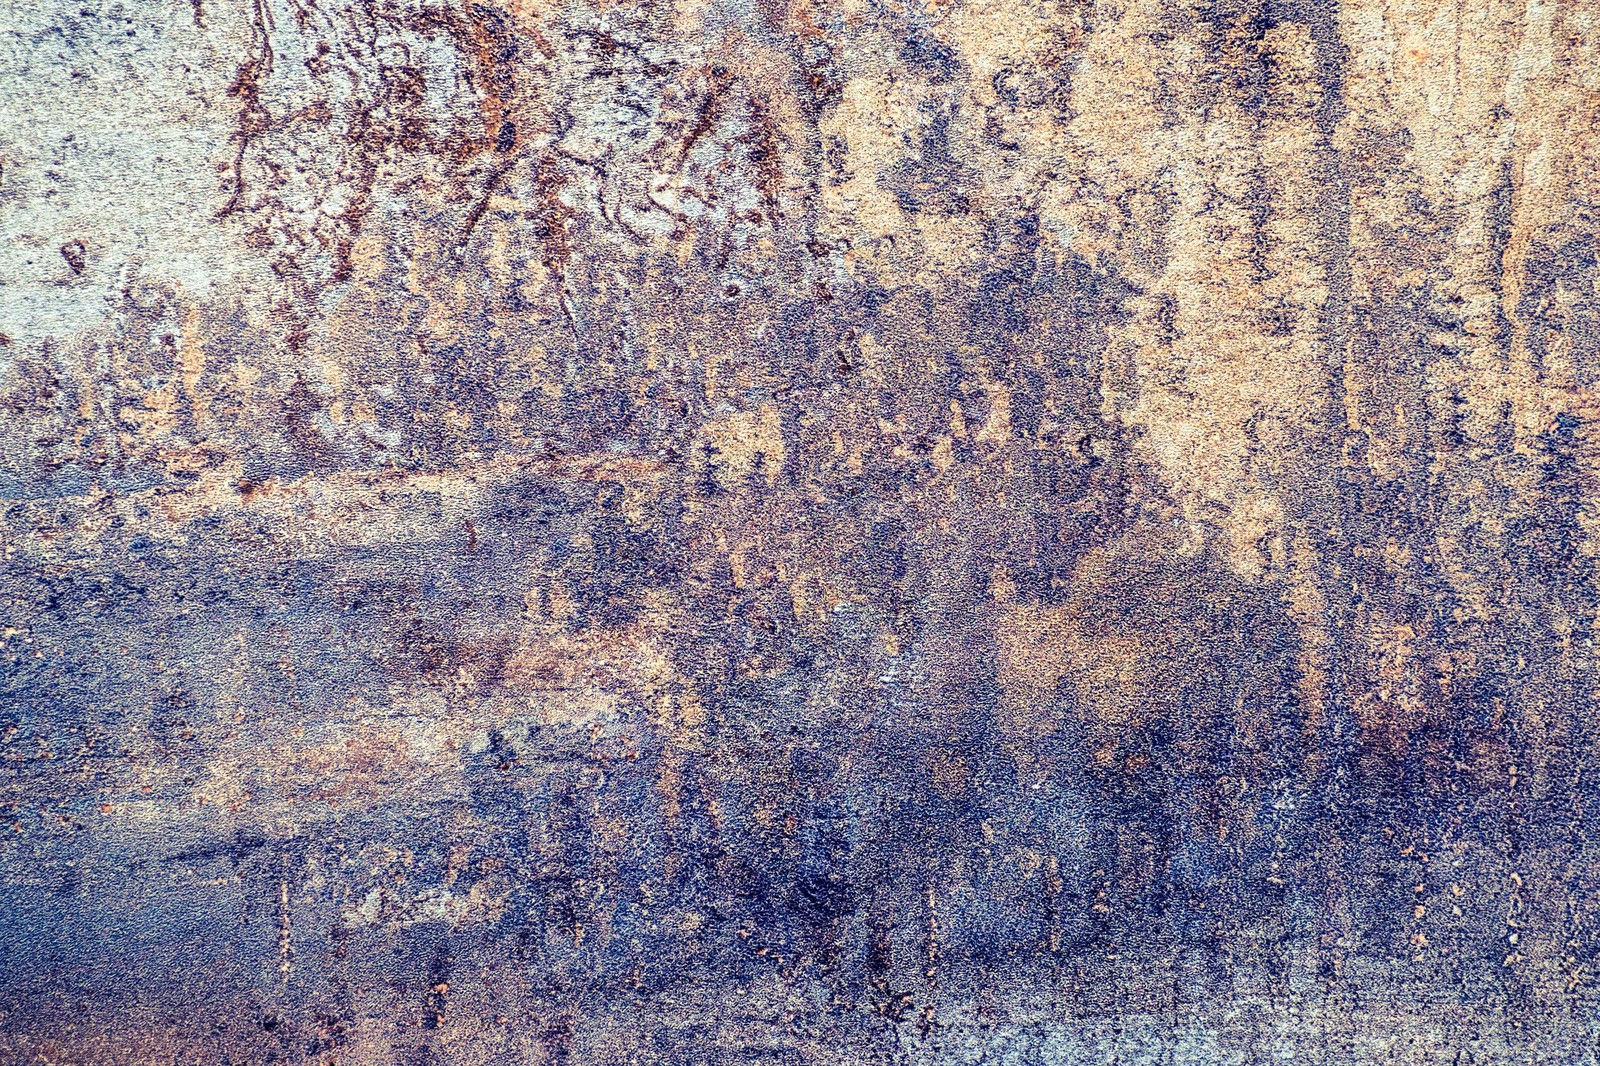 「廃れた壁のテクスチャー」の写真